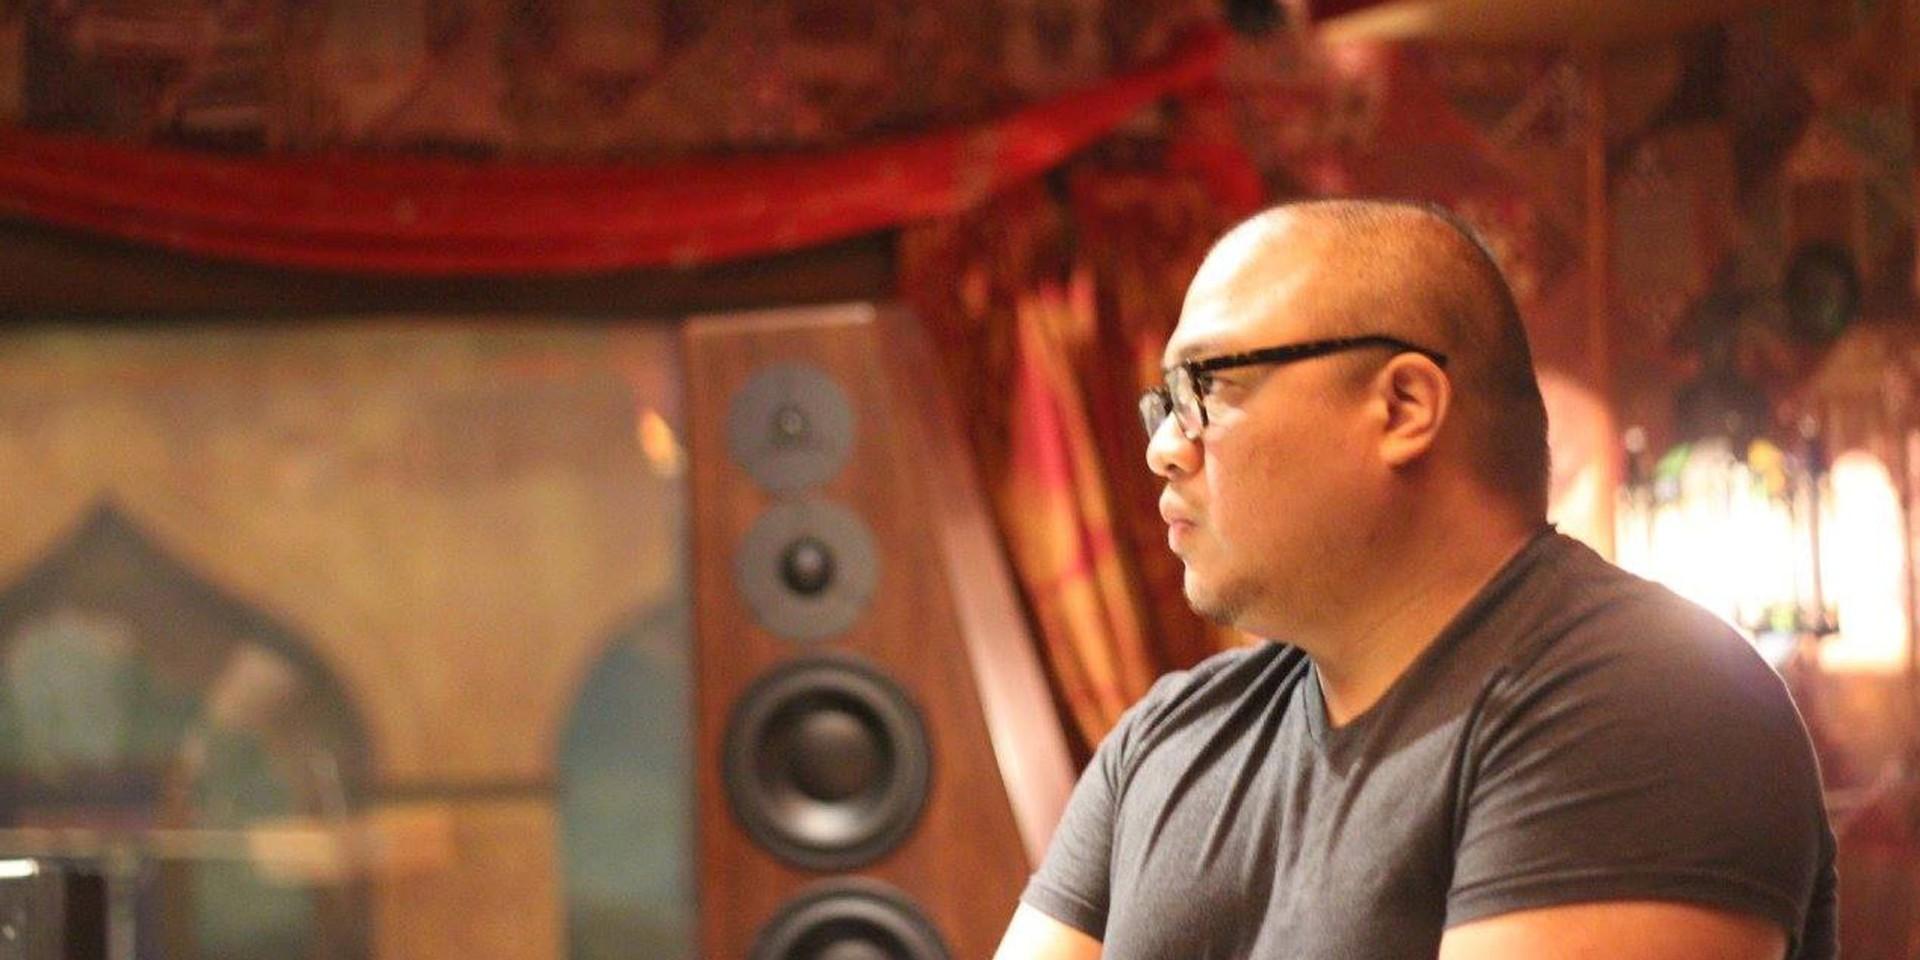 Jorel Corpus releases hopeful new single 'Don't Worry' – listen